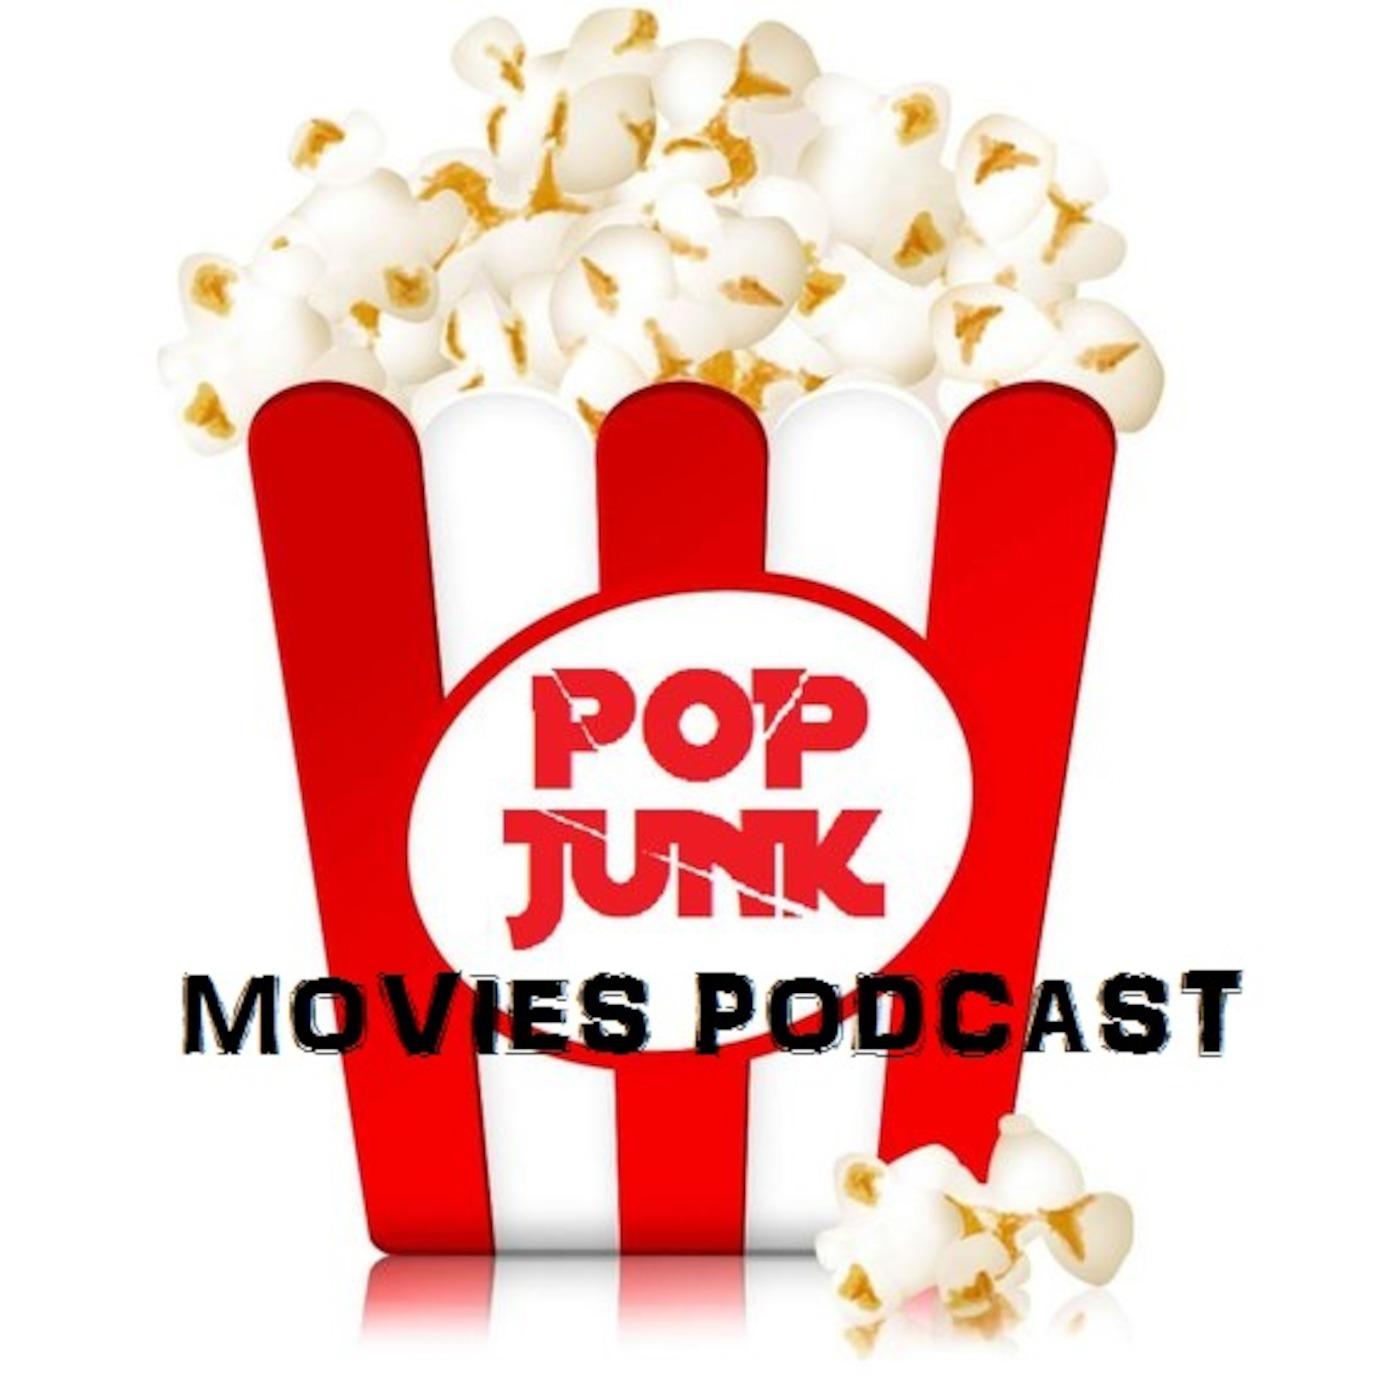 Pop Junk Movies